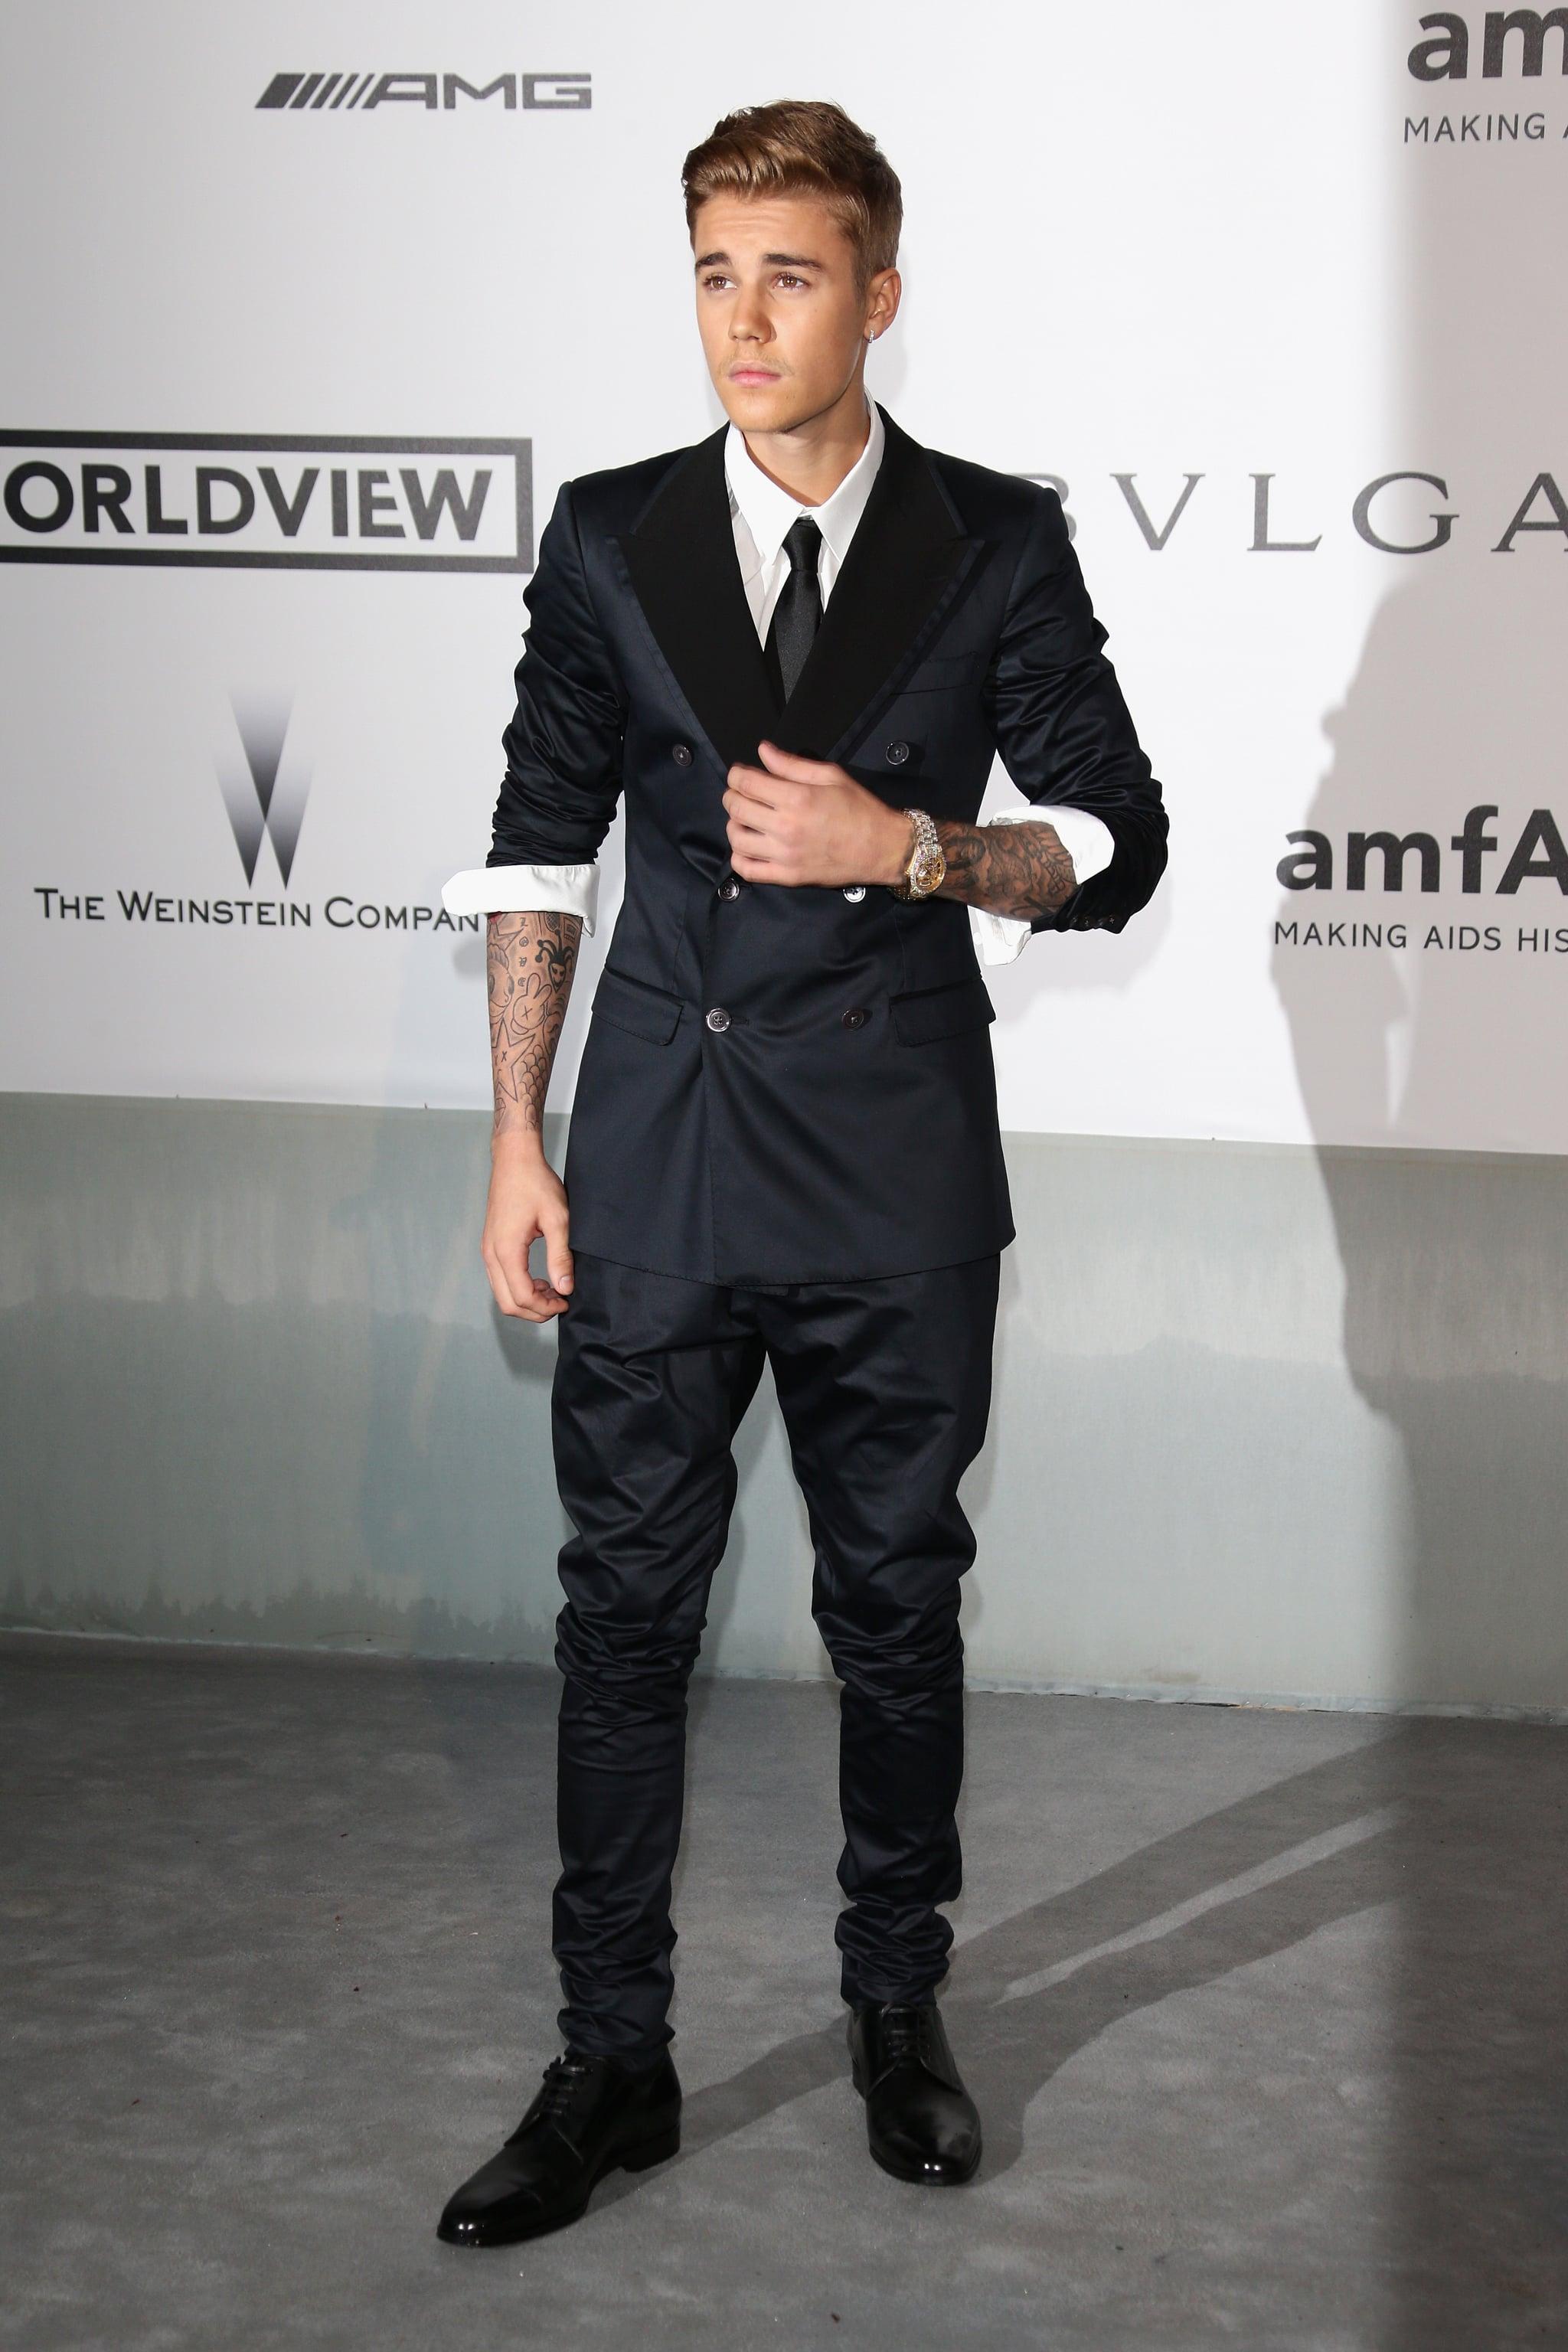 Justin Bieber walked the carpet at the amfAR Gala.